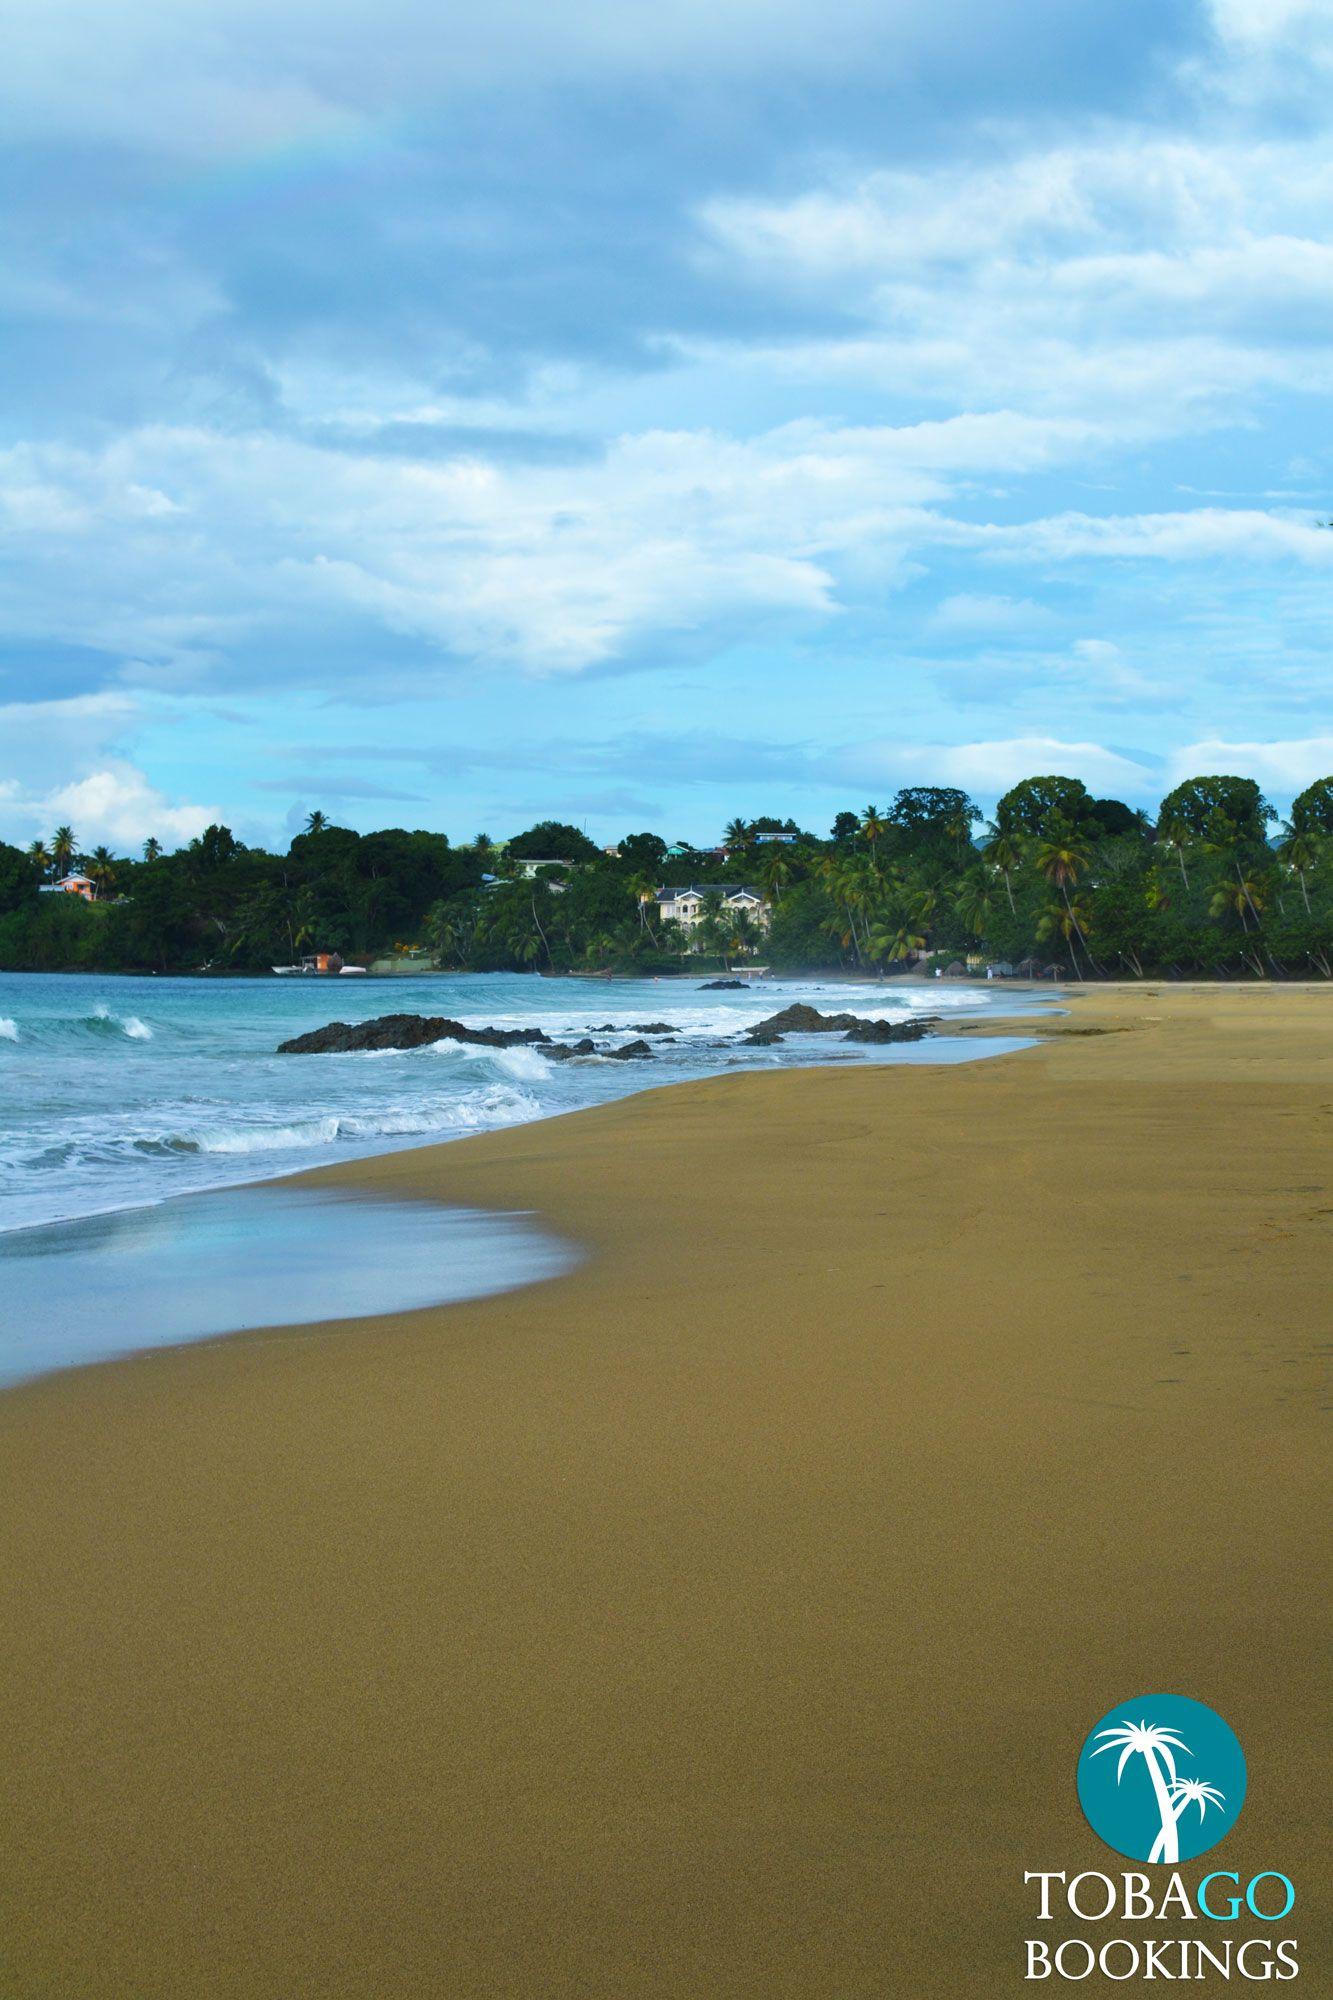 Grafton beach tobago tobagobookings trinidadandtobago